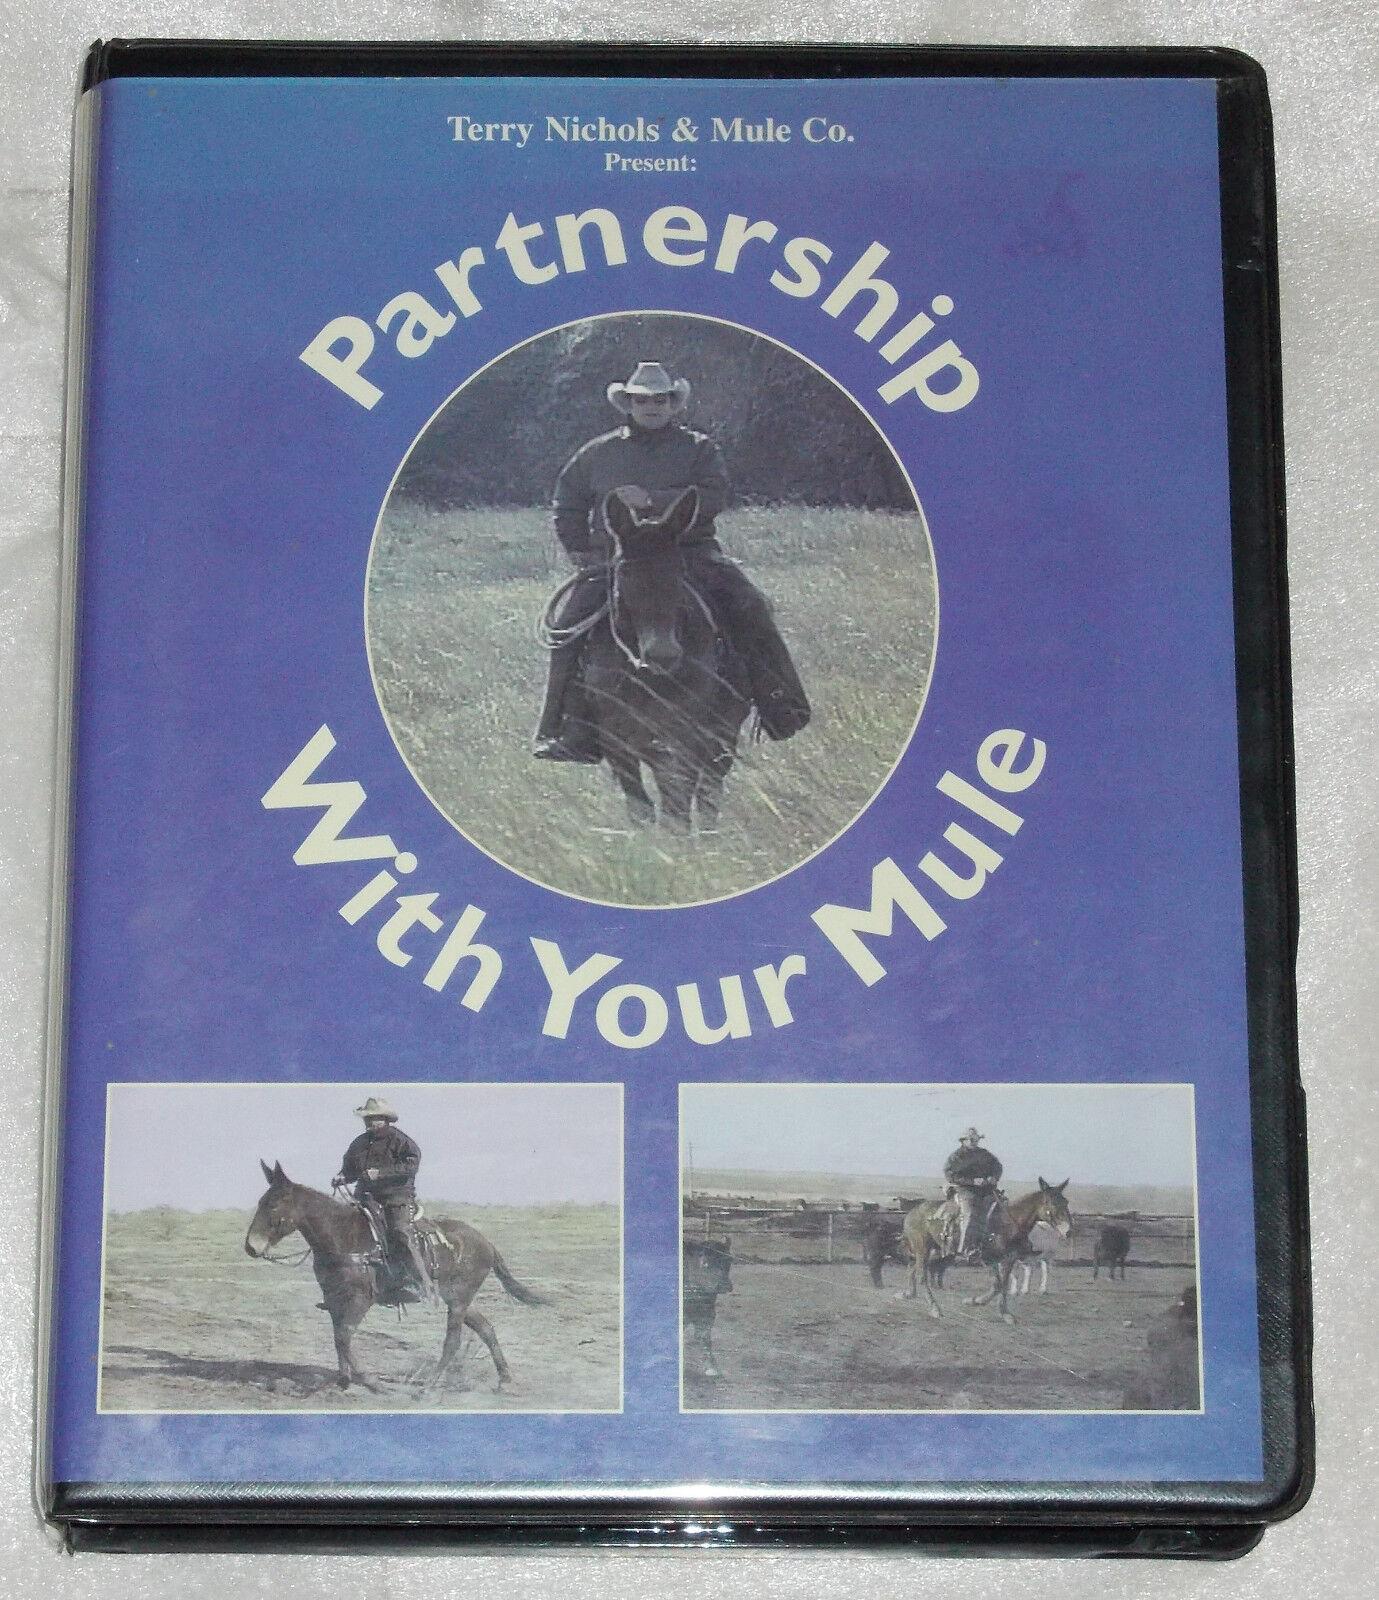 PARTNERSKAP MED DIN MULE Terry Nichols 4 videouppsättning utbildning VHS